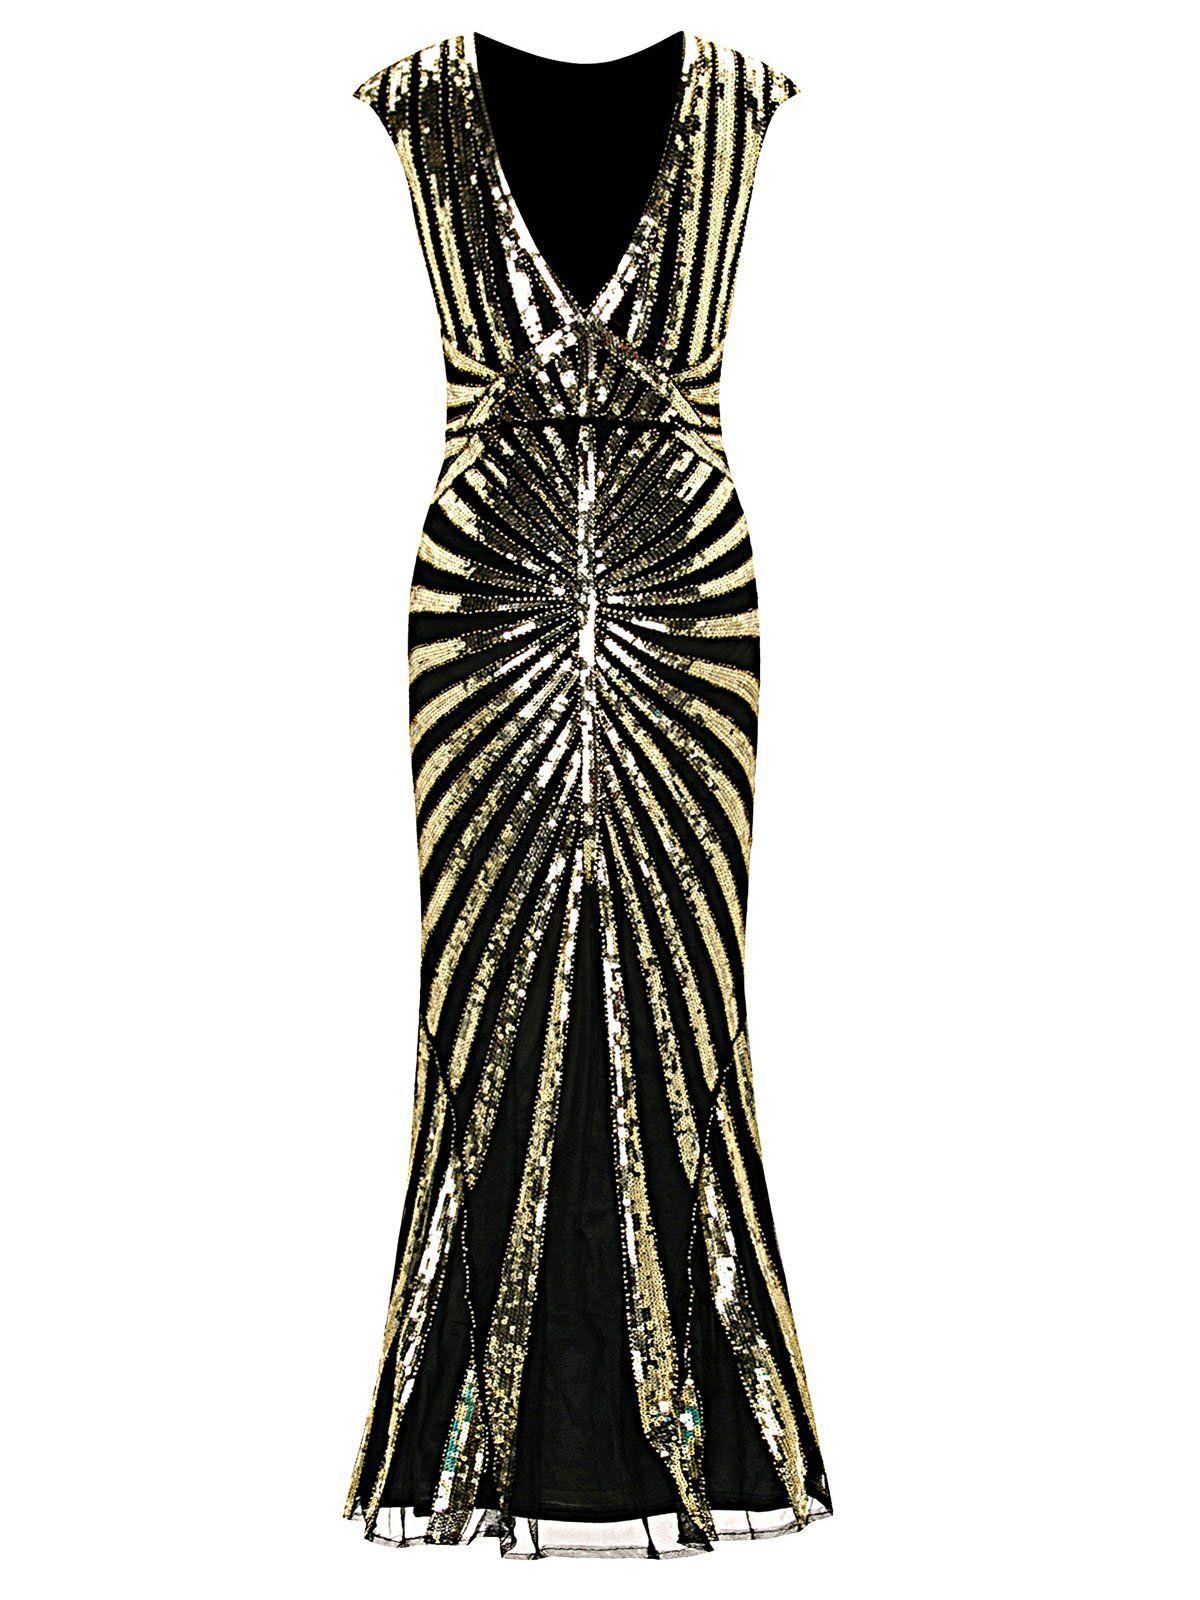 1920s Sequin Art Deco Maxi Dress Plus Size Flapper Dress Flapper Dress Pattern Dresses